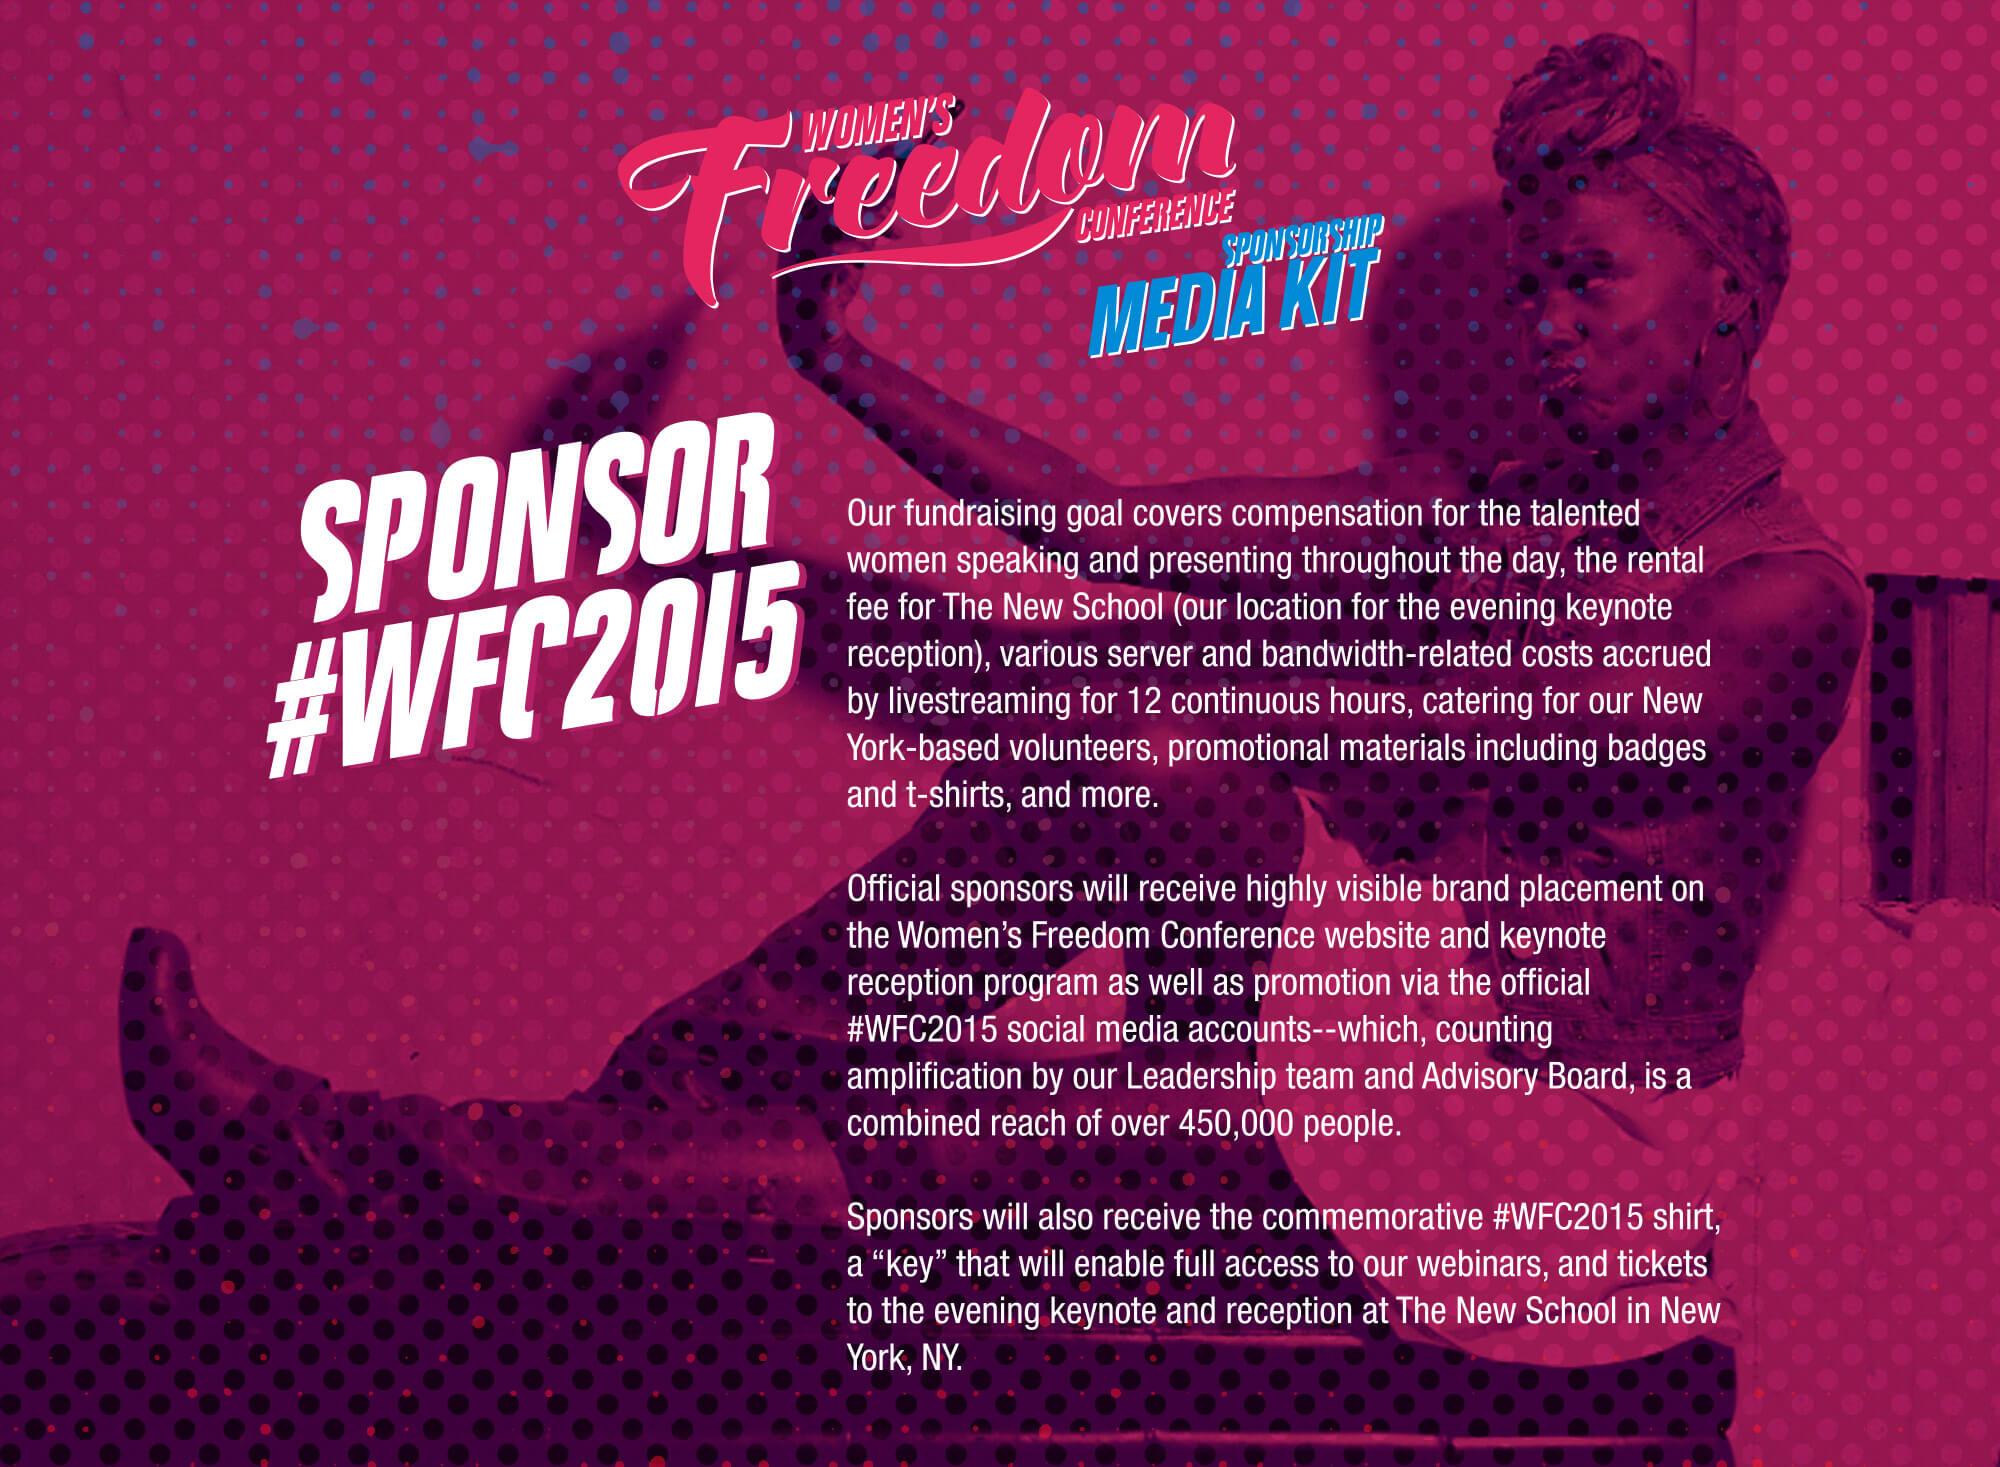 WFC2015 Media Kit